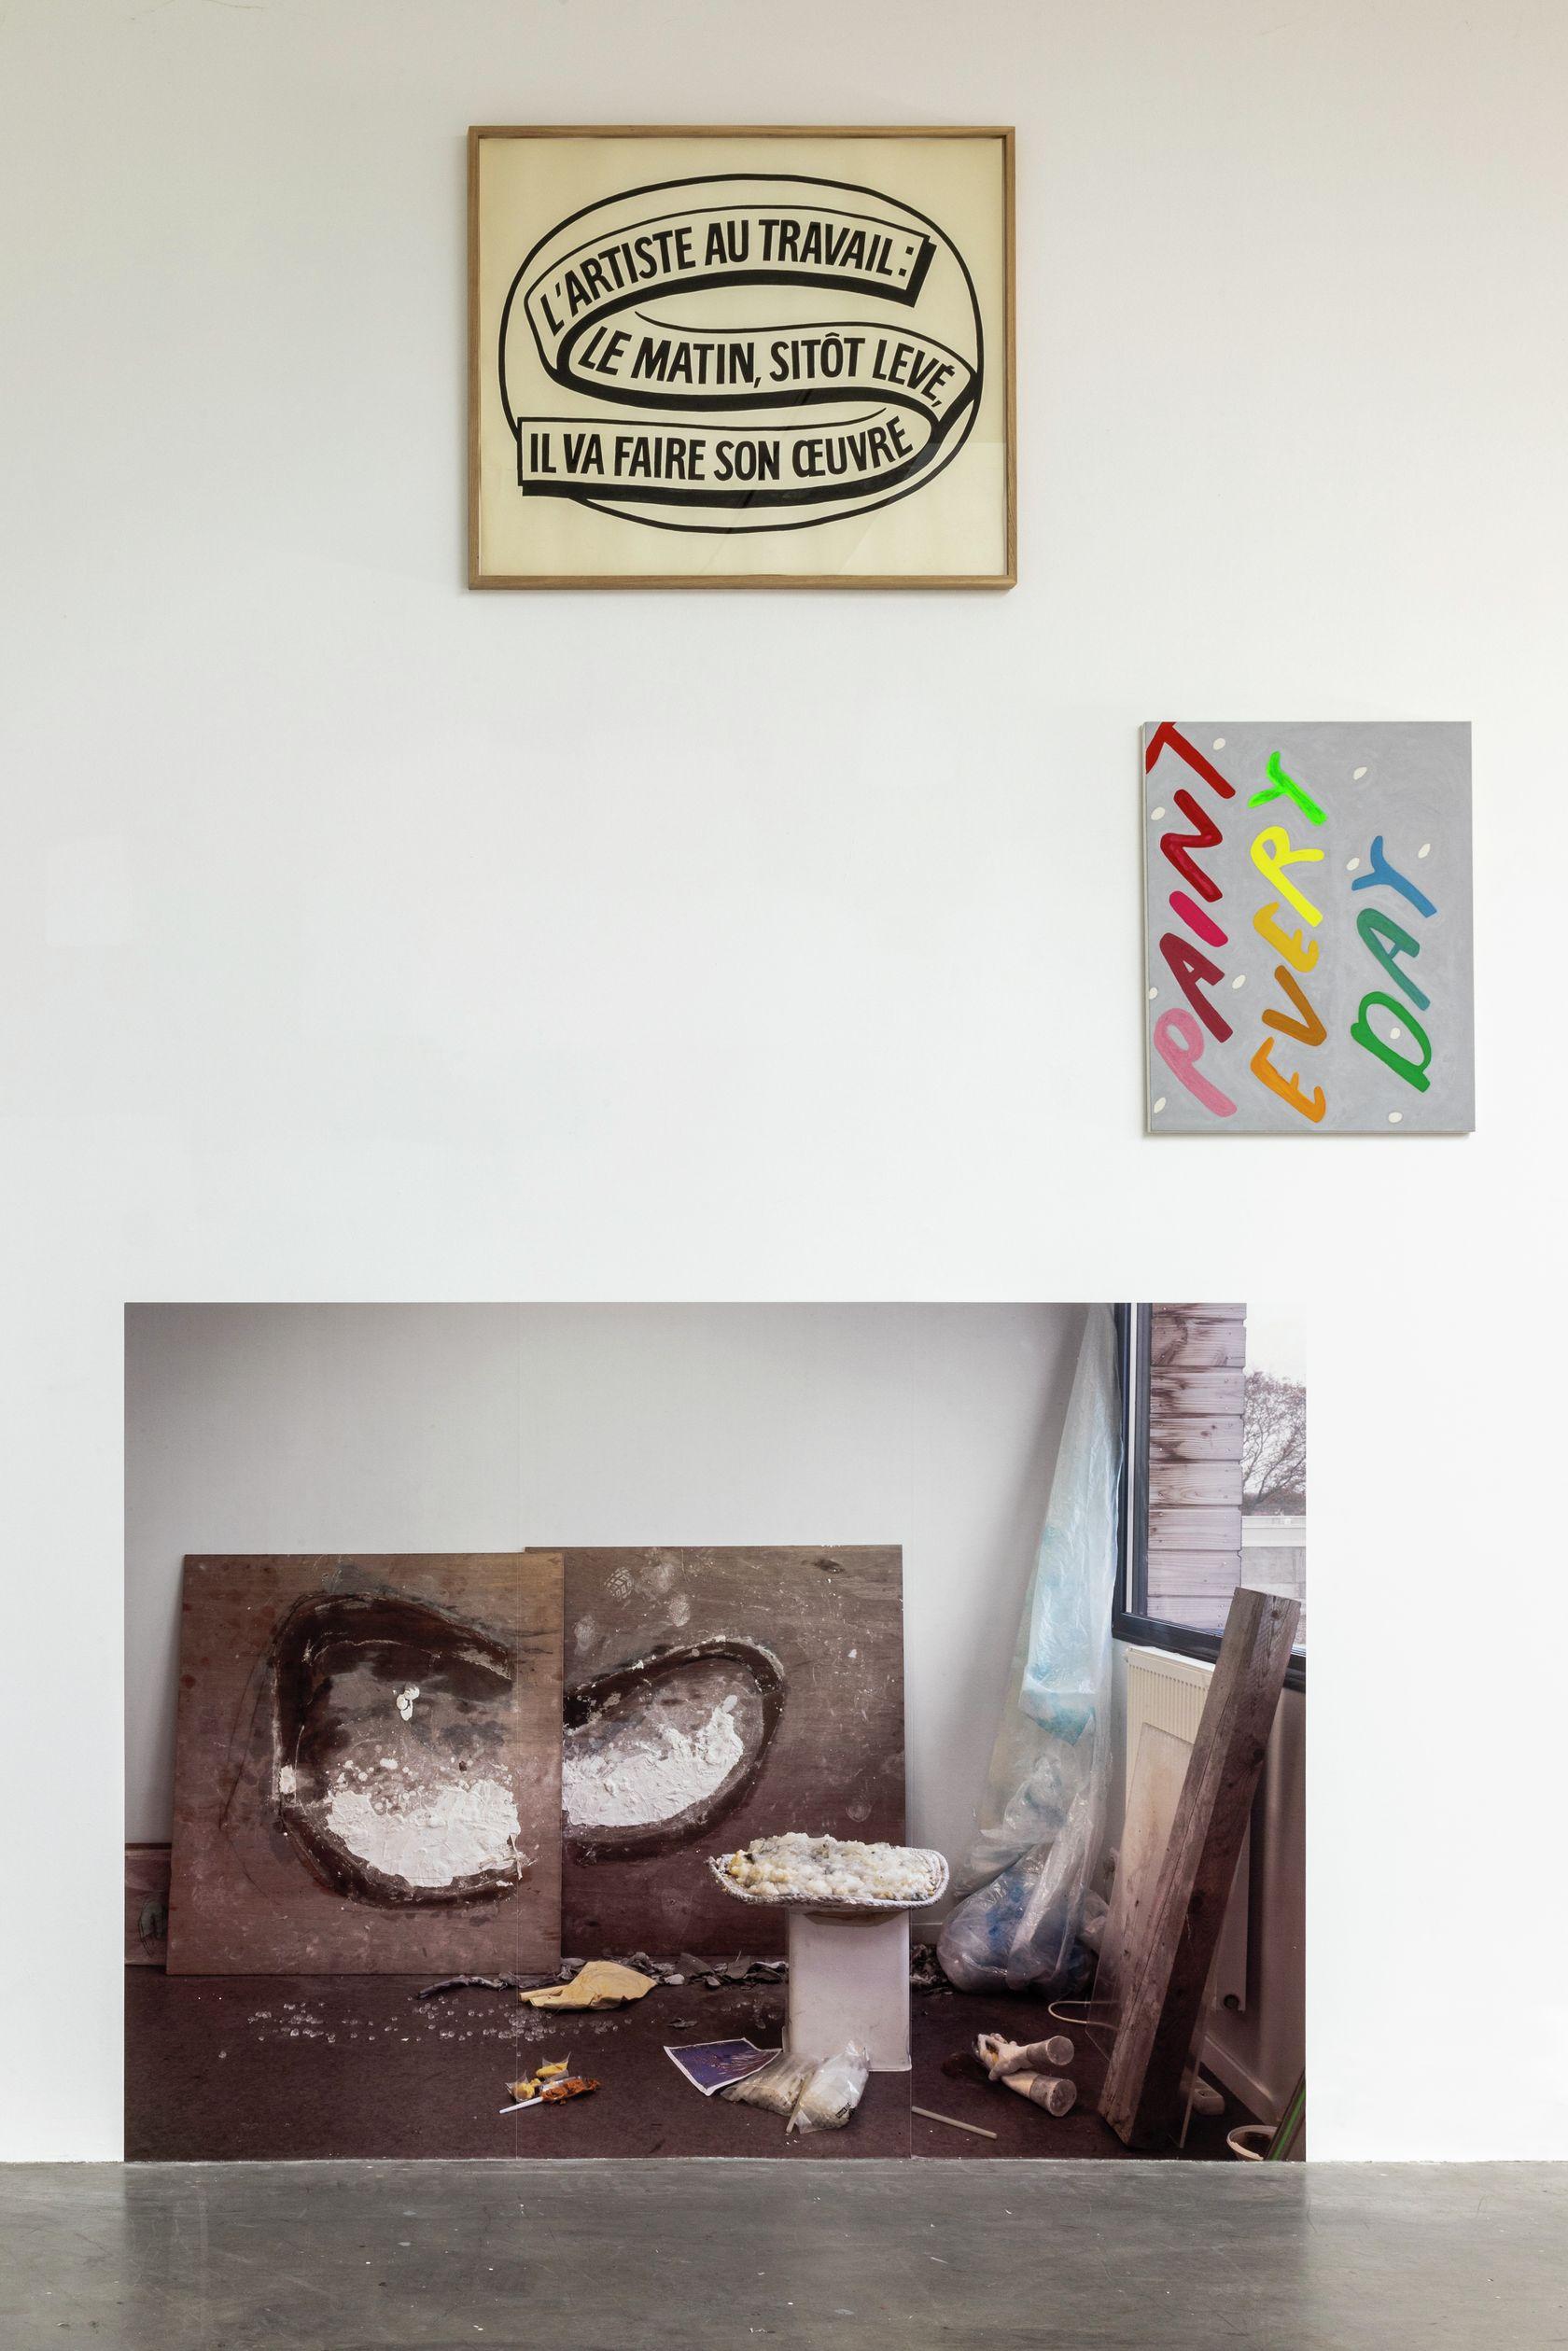 Ernest T., L'artiste au travail : Le matin, sitôt levé, il va faire son œuvre X, Frac des Pays de la Loire, Carquefou (FR) 20 novembre 2020 - 2 janvier 2022 © Fanny Trichet